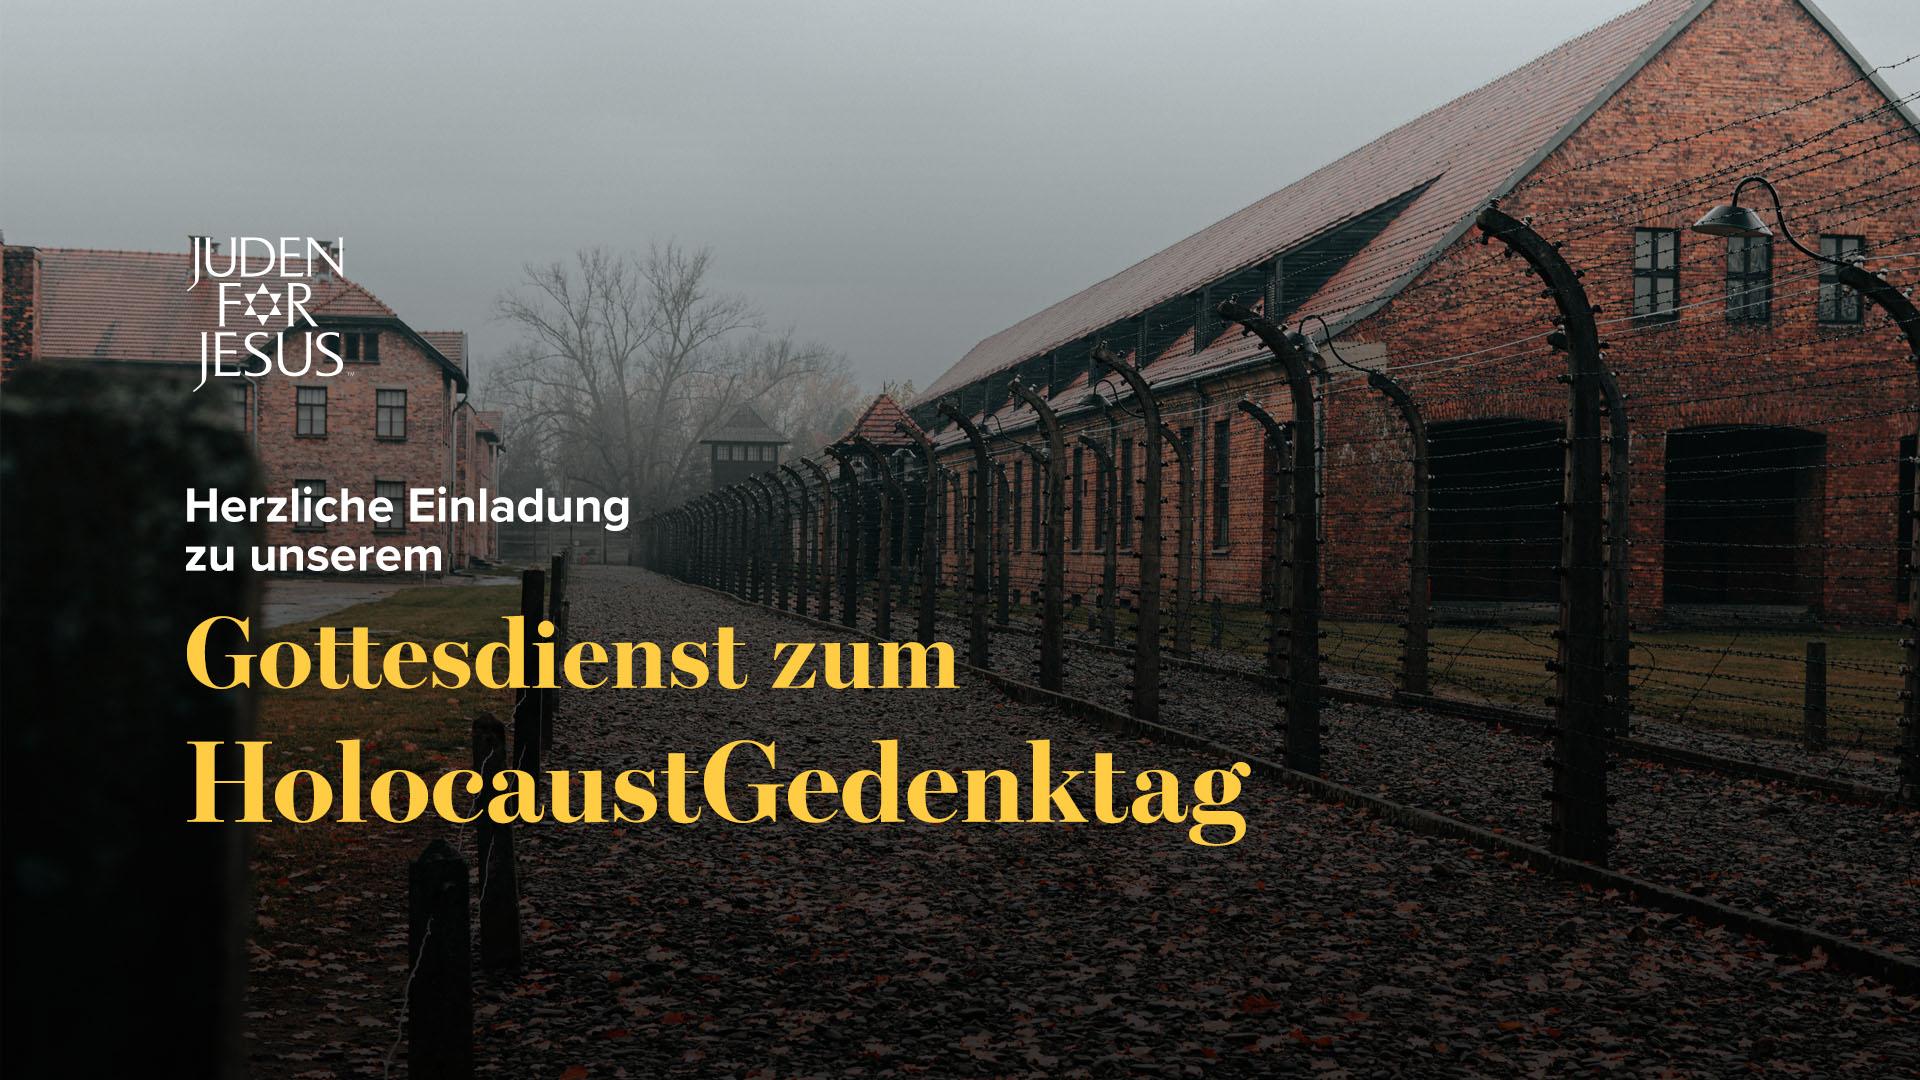 Einladung zum HolocaustGedenkgottesdienst